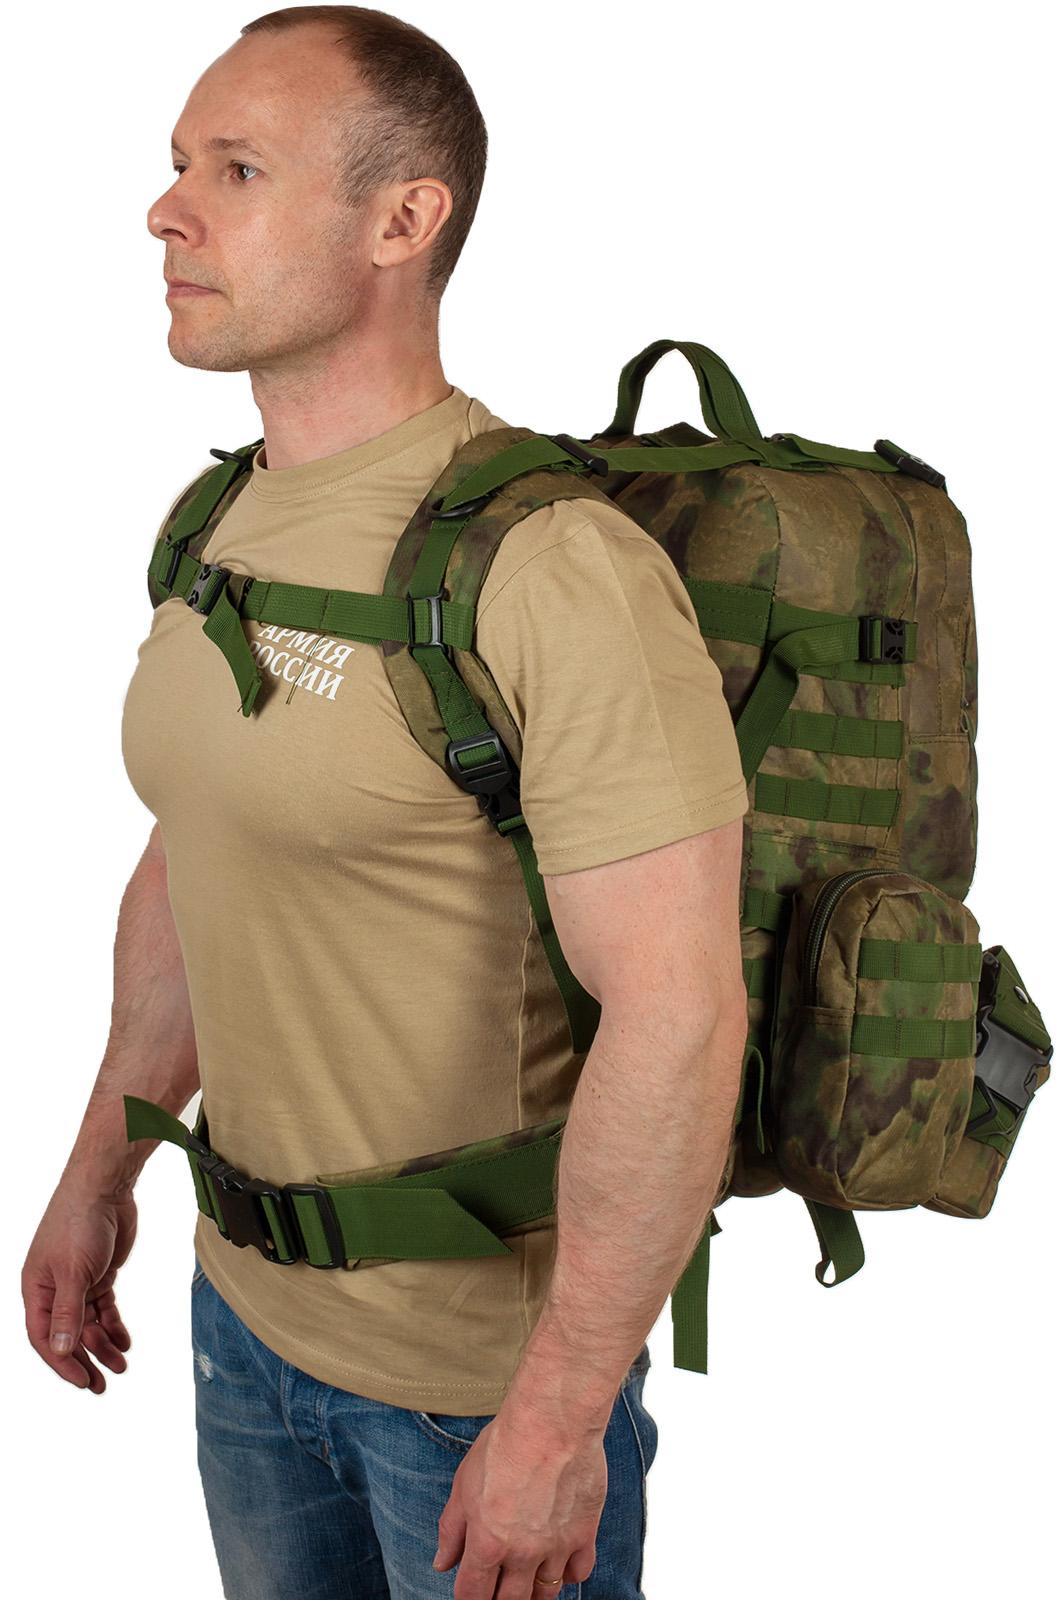 Армейский тактический рюкзак с нашивкой Афган - заказать в подарок